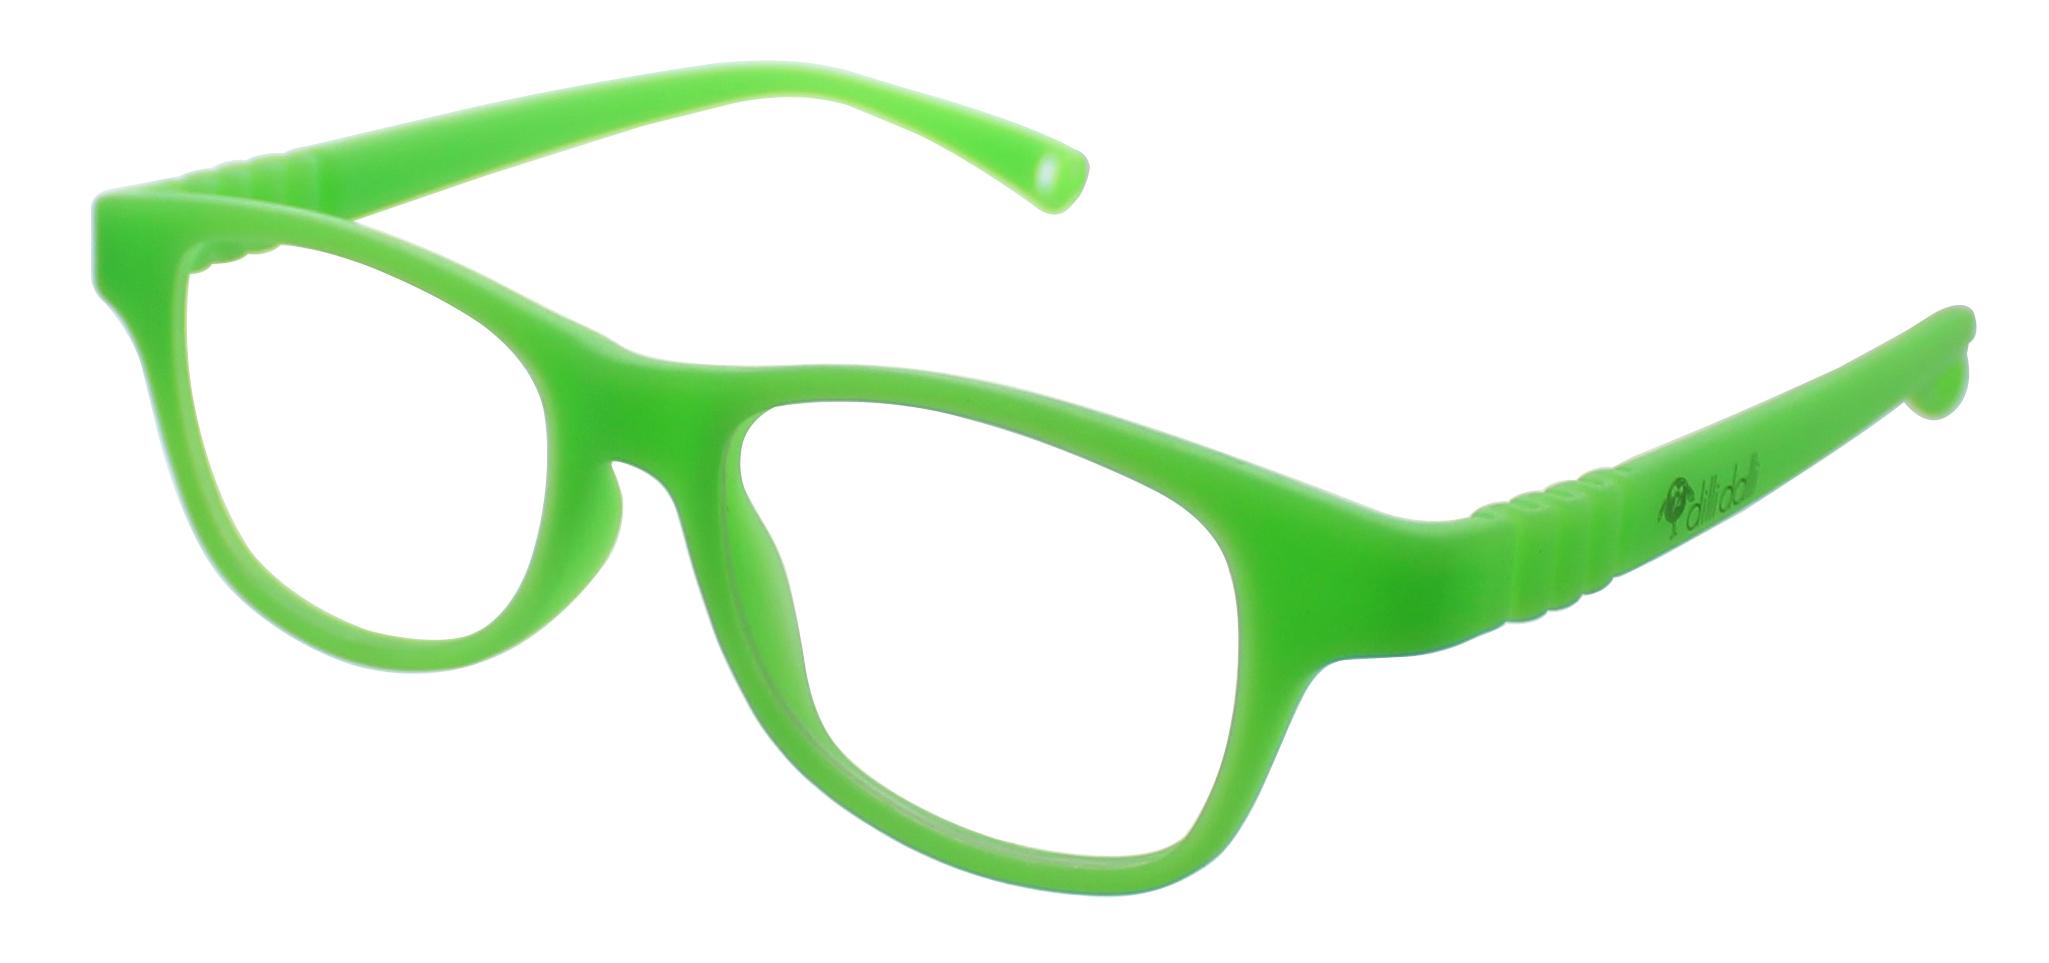 572f4c5d72d Kids Glasses - Green - Optiwow